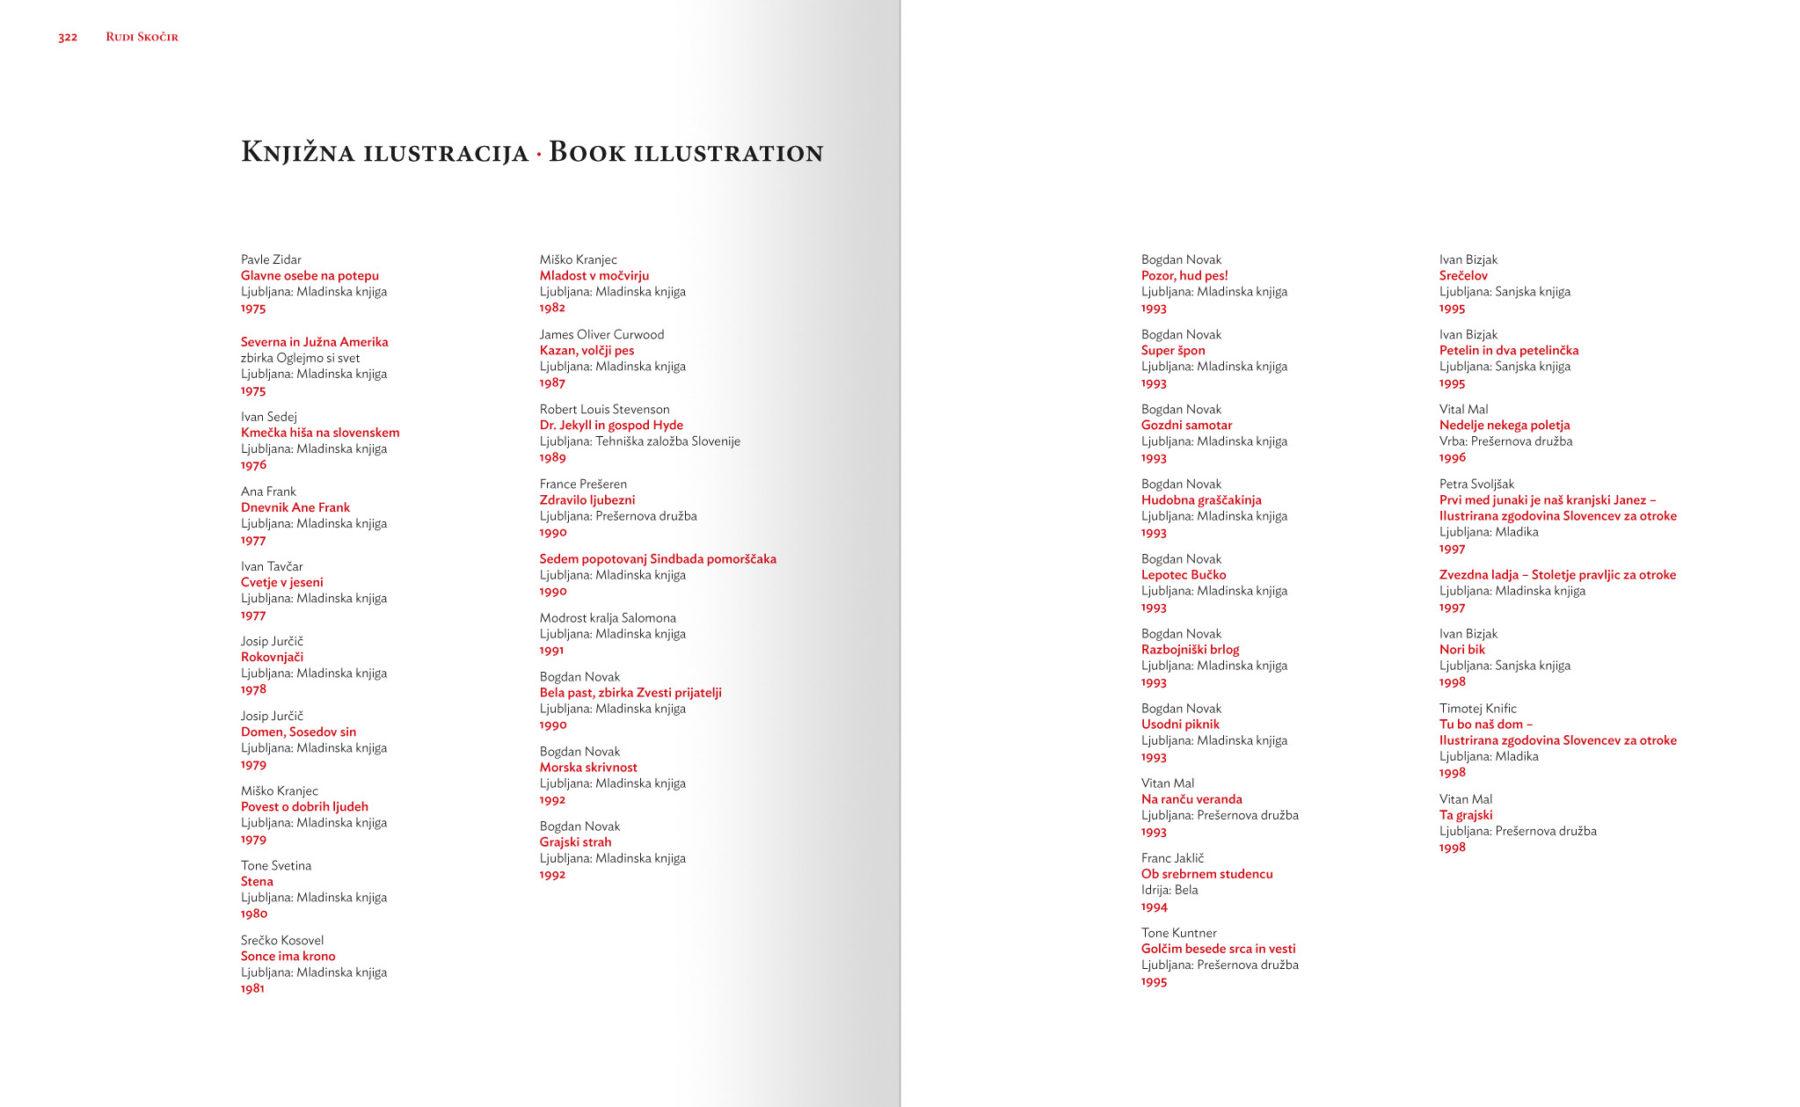 Strani 322 in 323